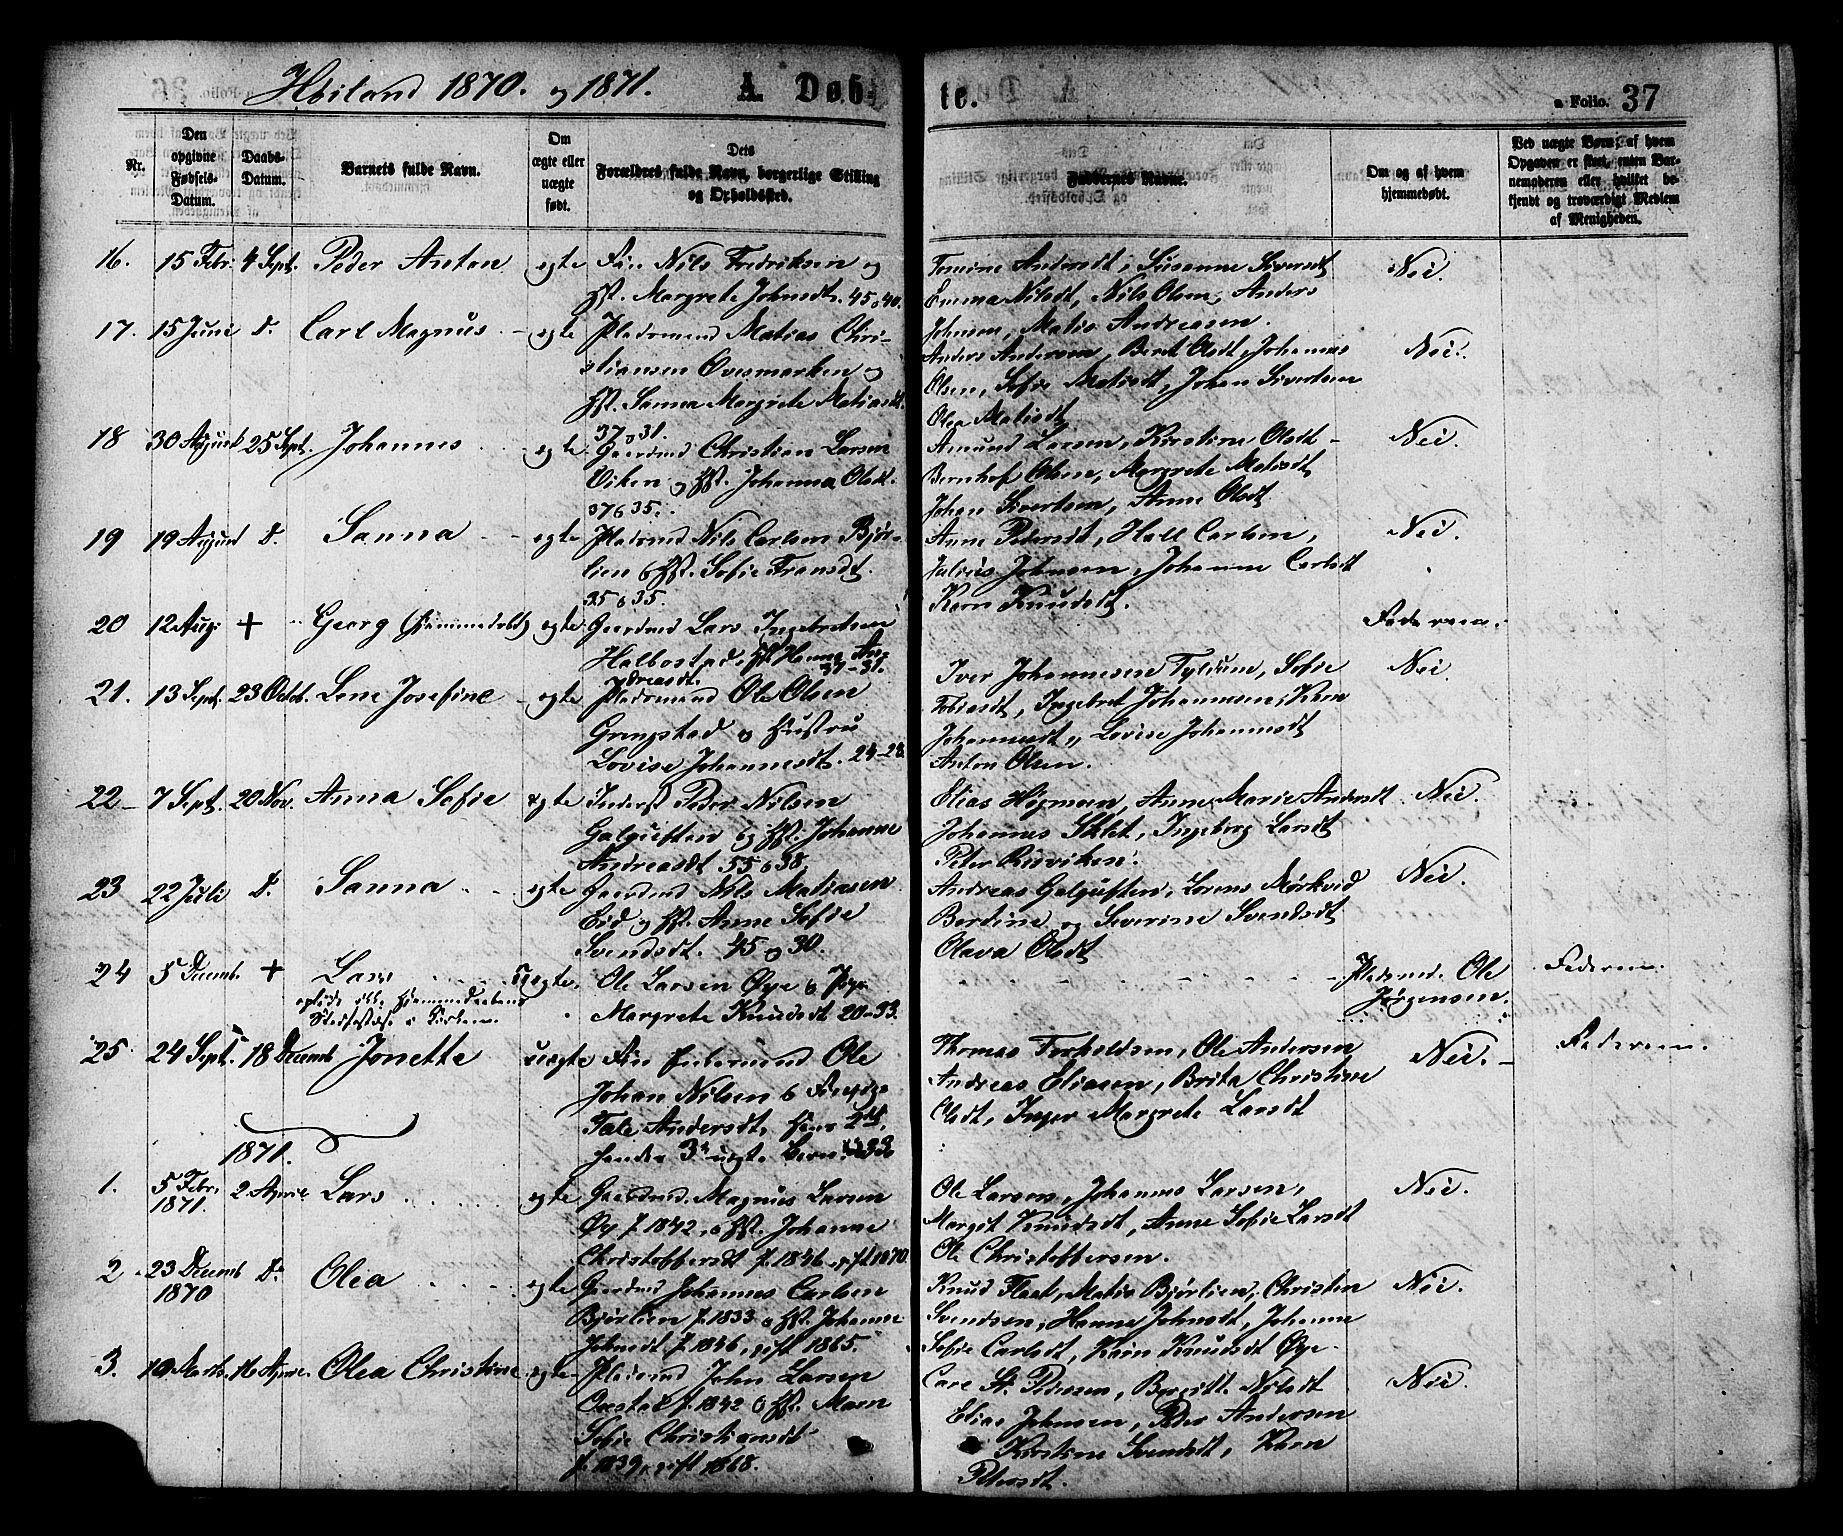 SAT, Ministerialprotokoller, klokkerbøker og fødselsregistre - Nord-Trøndelag, 758/L0516: Ministerialbok nr. 758A03 /2, 1869-1879, s. 37